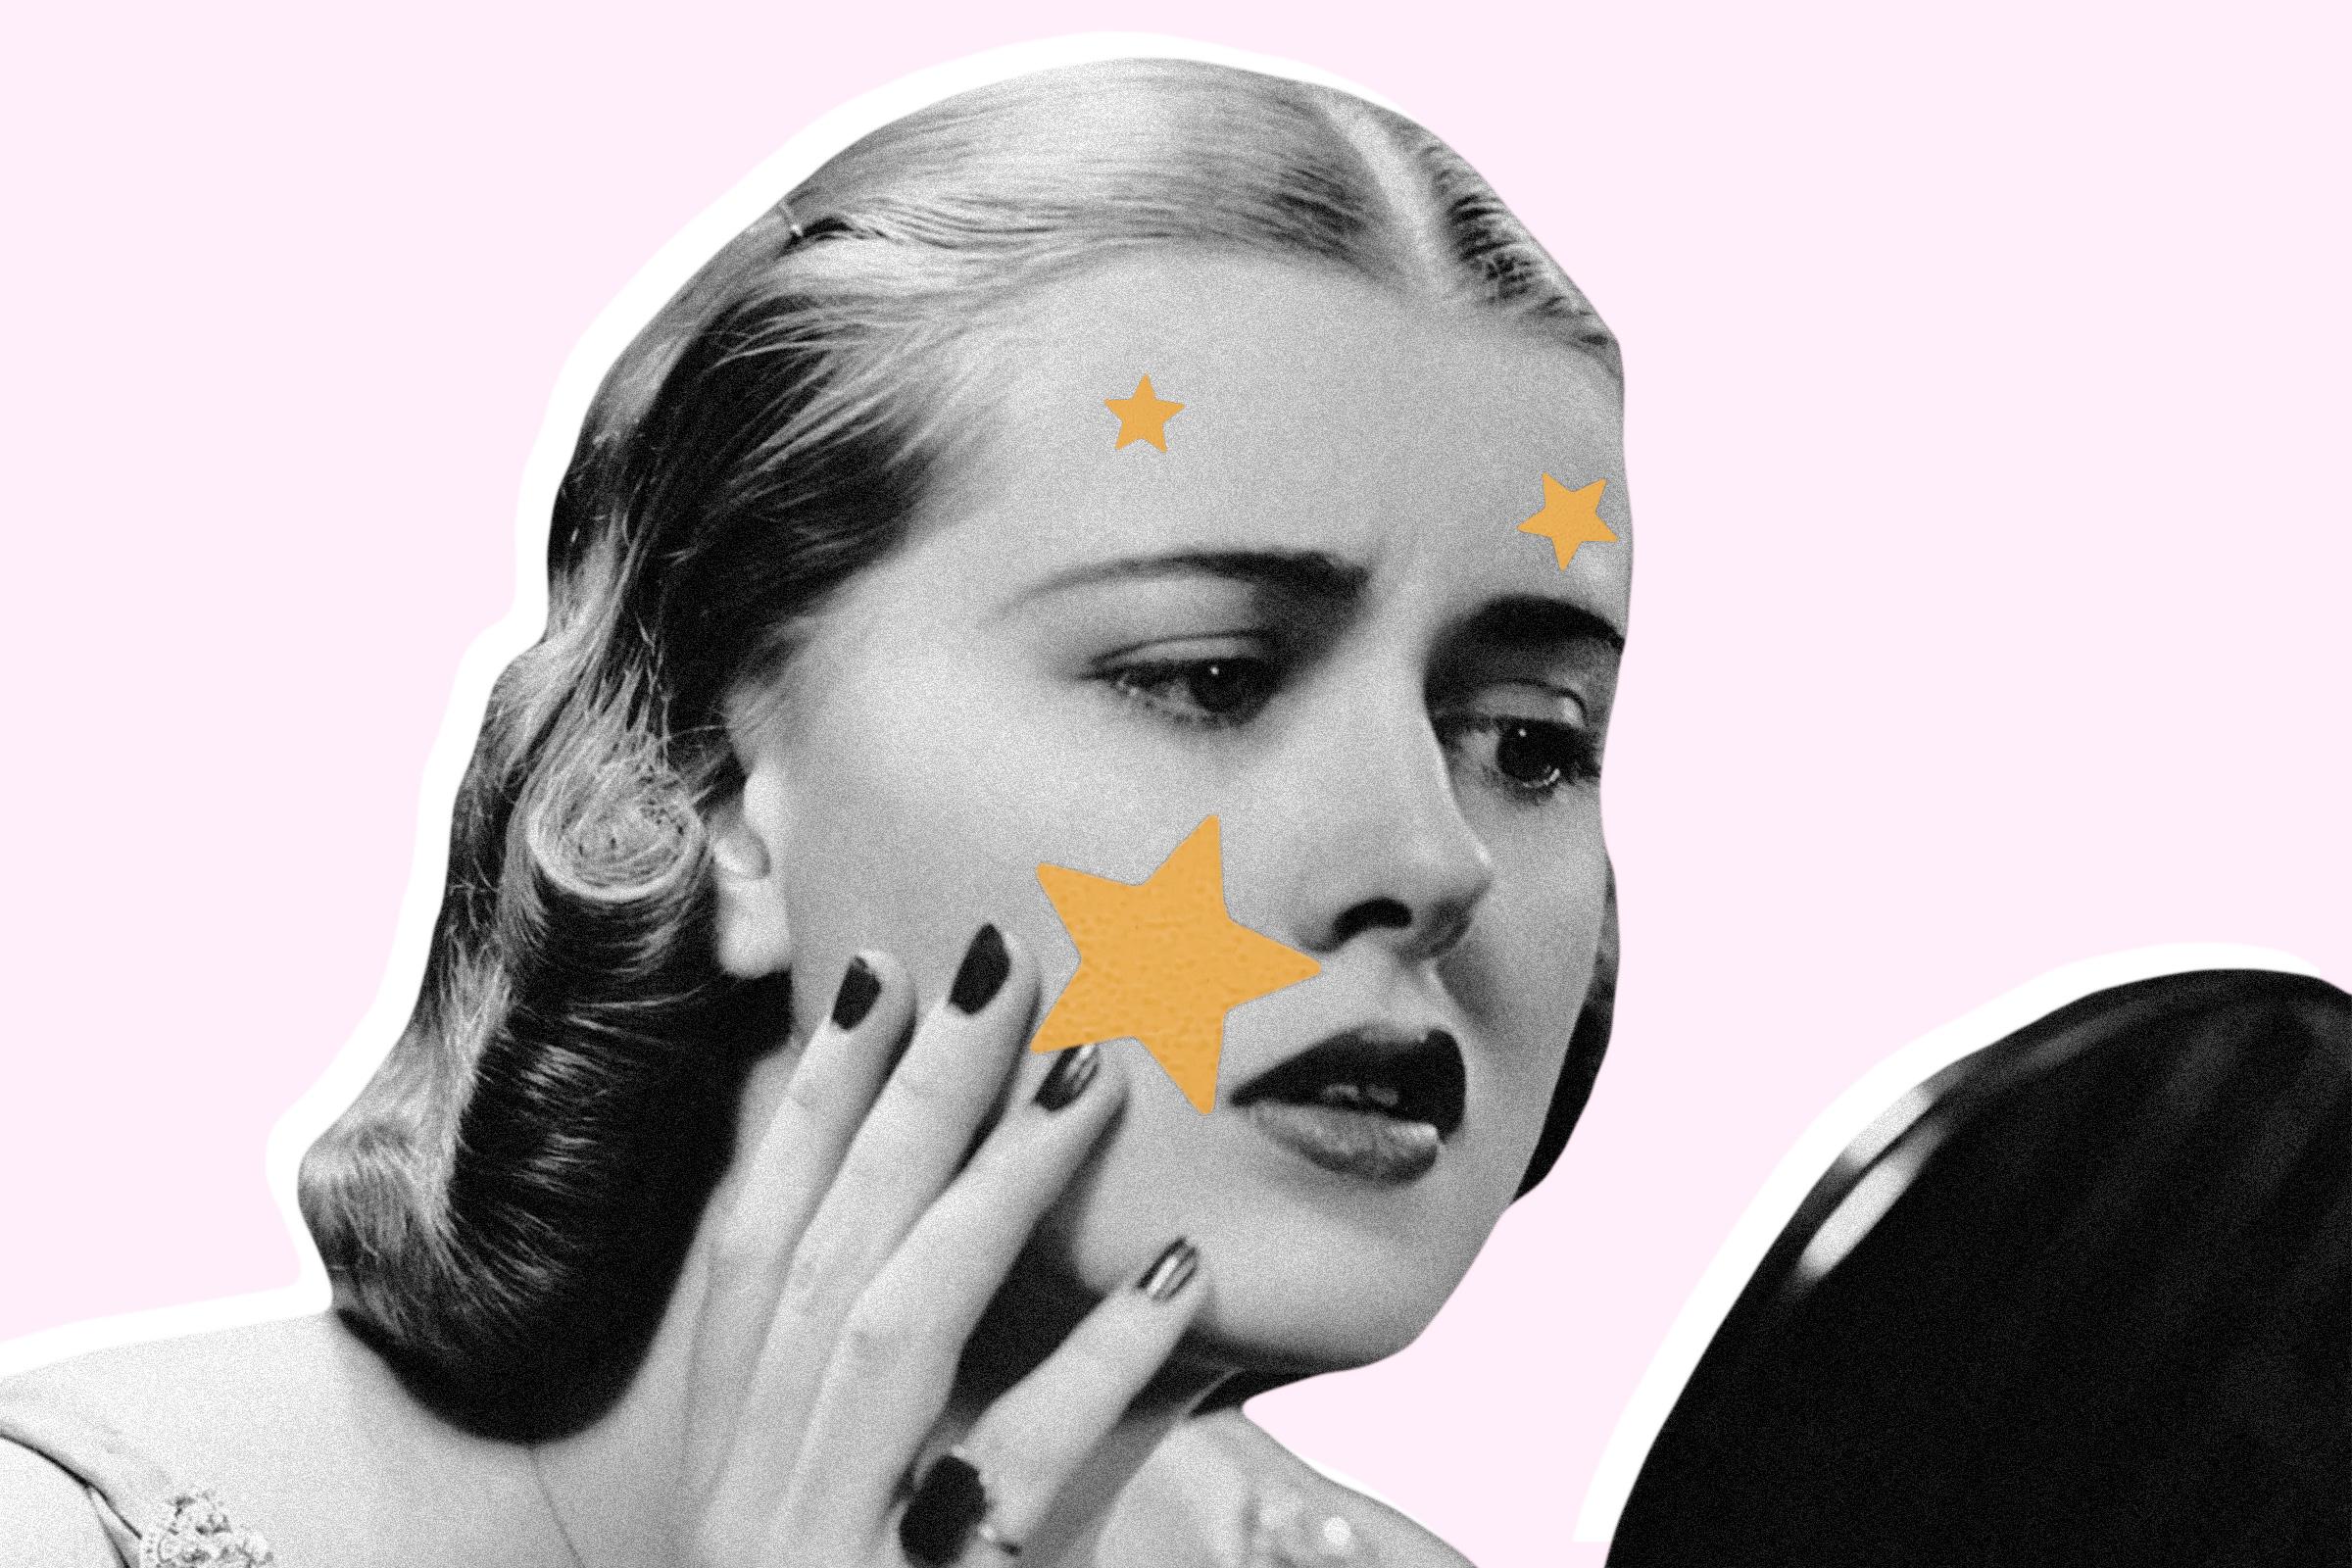 Productos Para Secar Granitos De Acné Son Eficaces Belleza S Moda El País